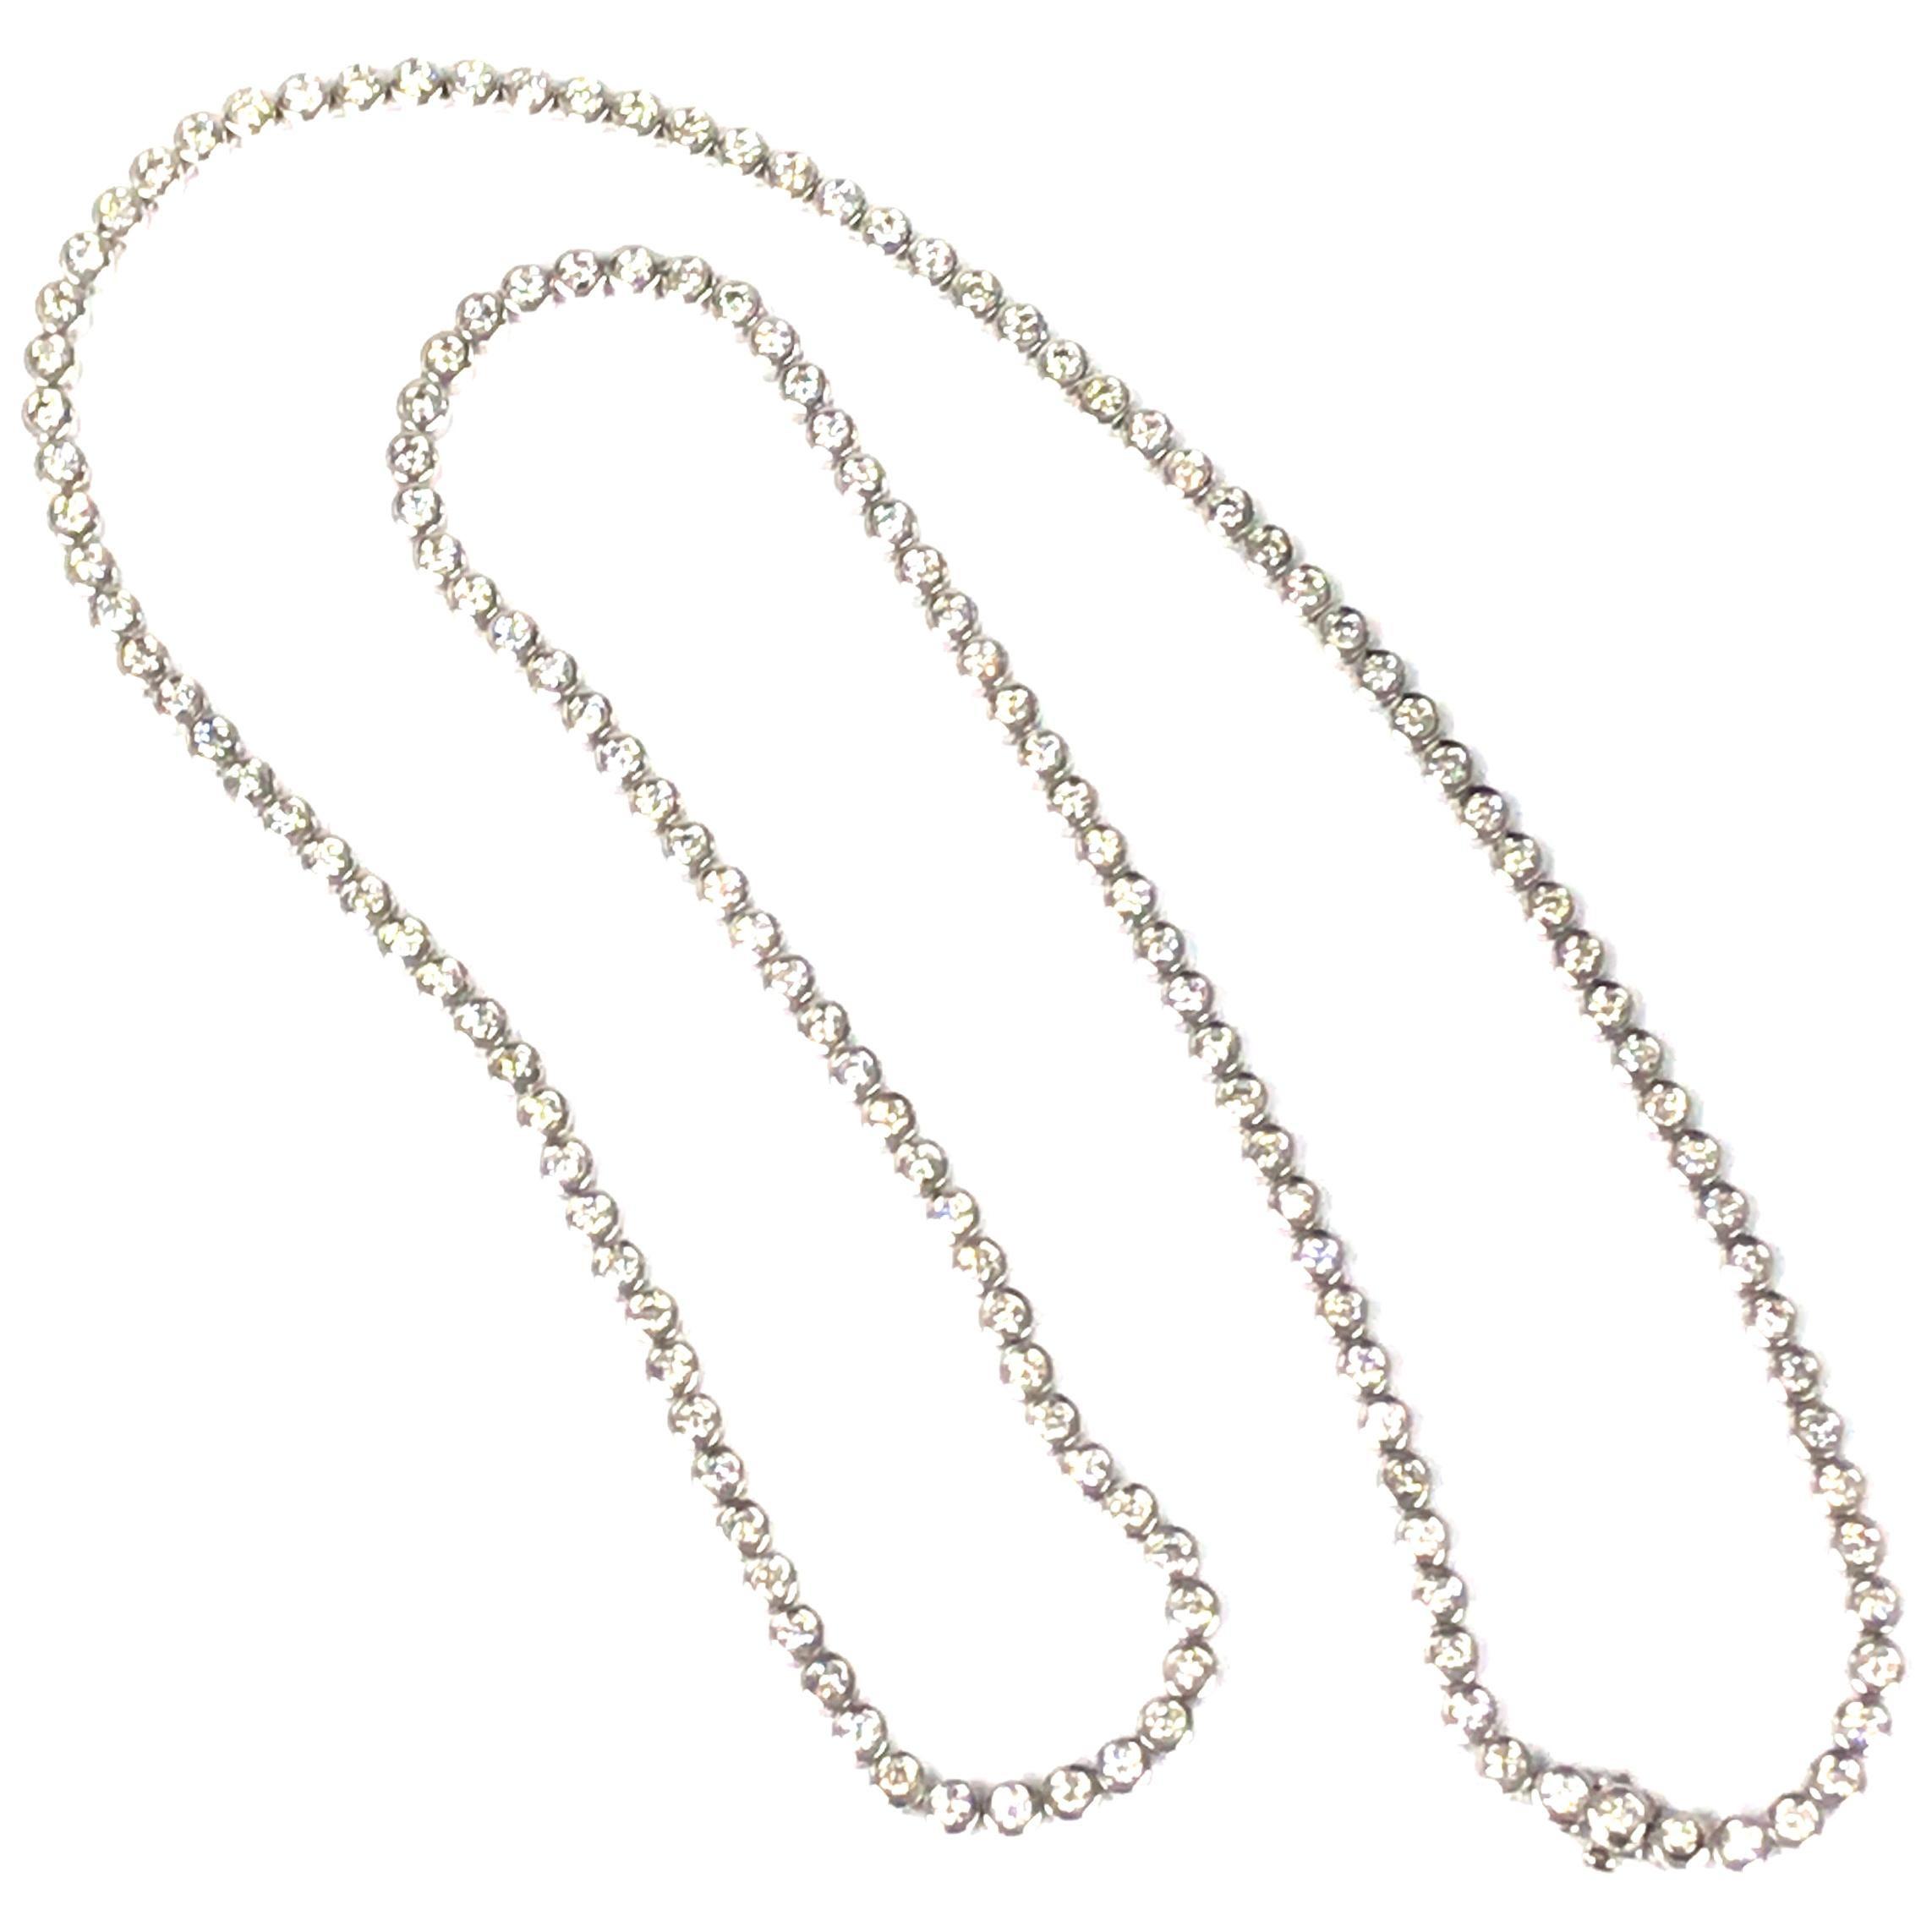 Diamond Tennis Necklace in 14 Karat White Gold